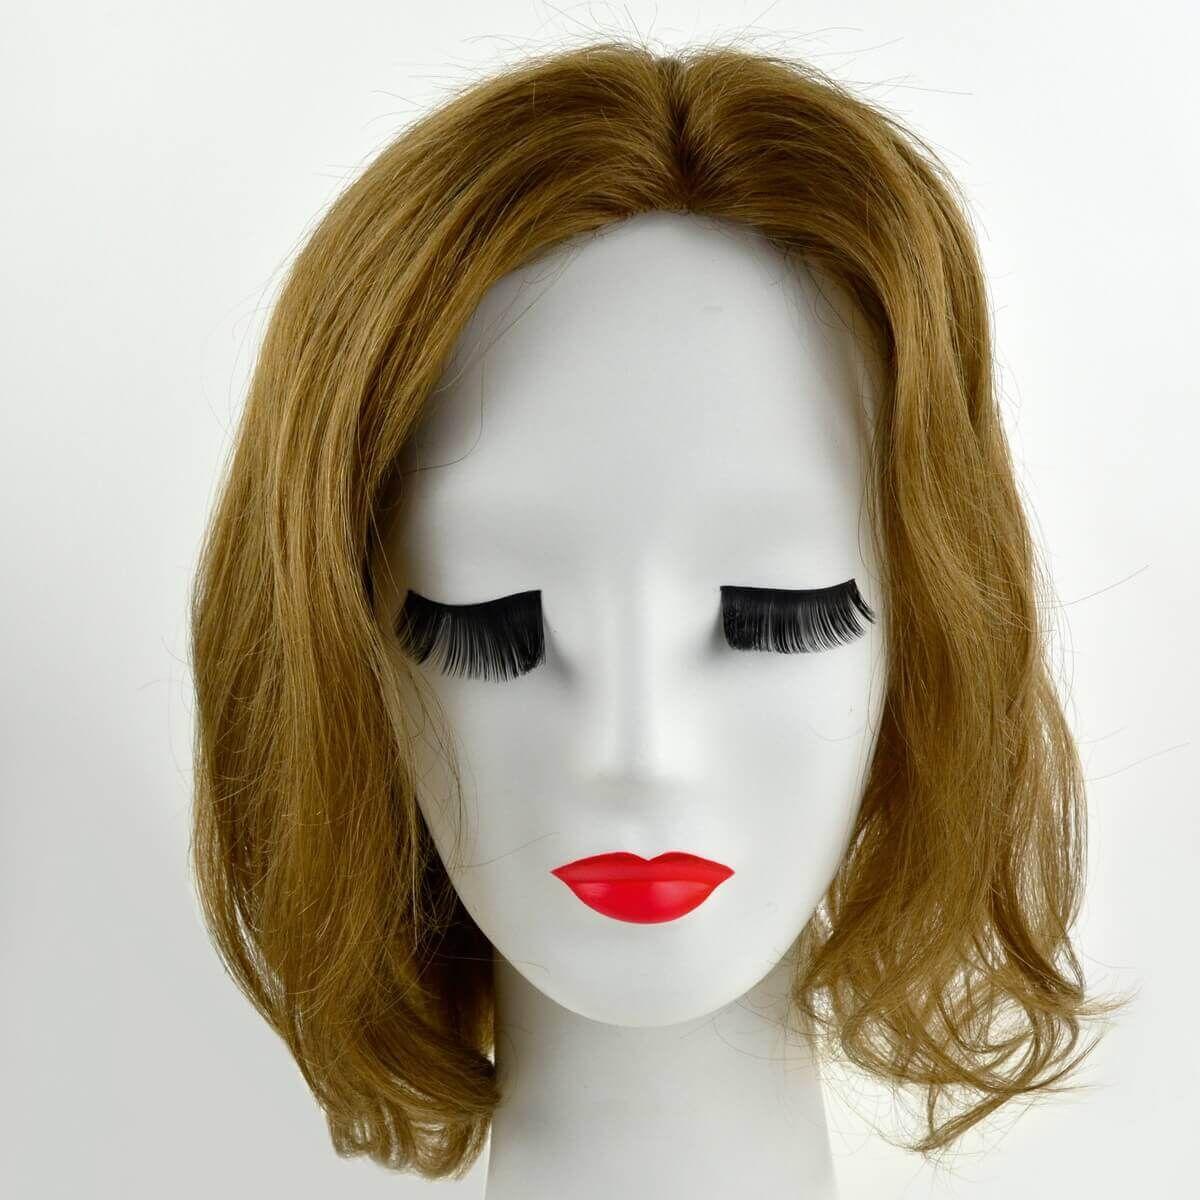 Gisela Mayer Solution C HH csatos póthaj fejtetőre emberi hajból - 12 (sötétszőke)